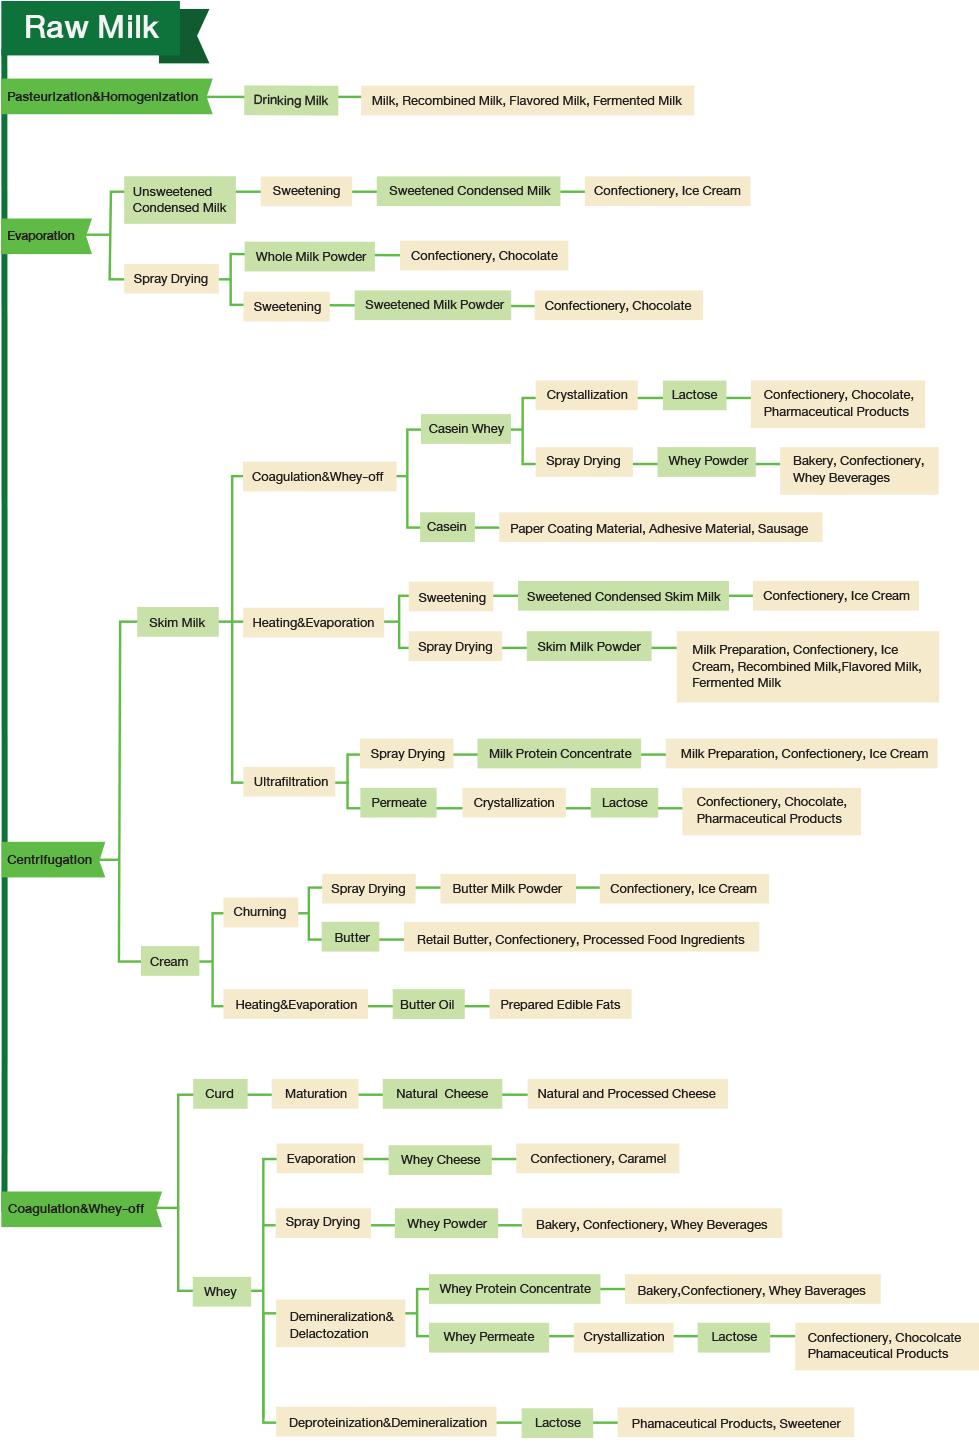 Diagram of Dairy Ingredients